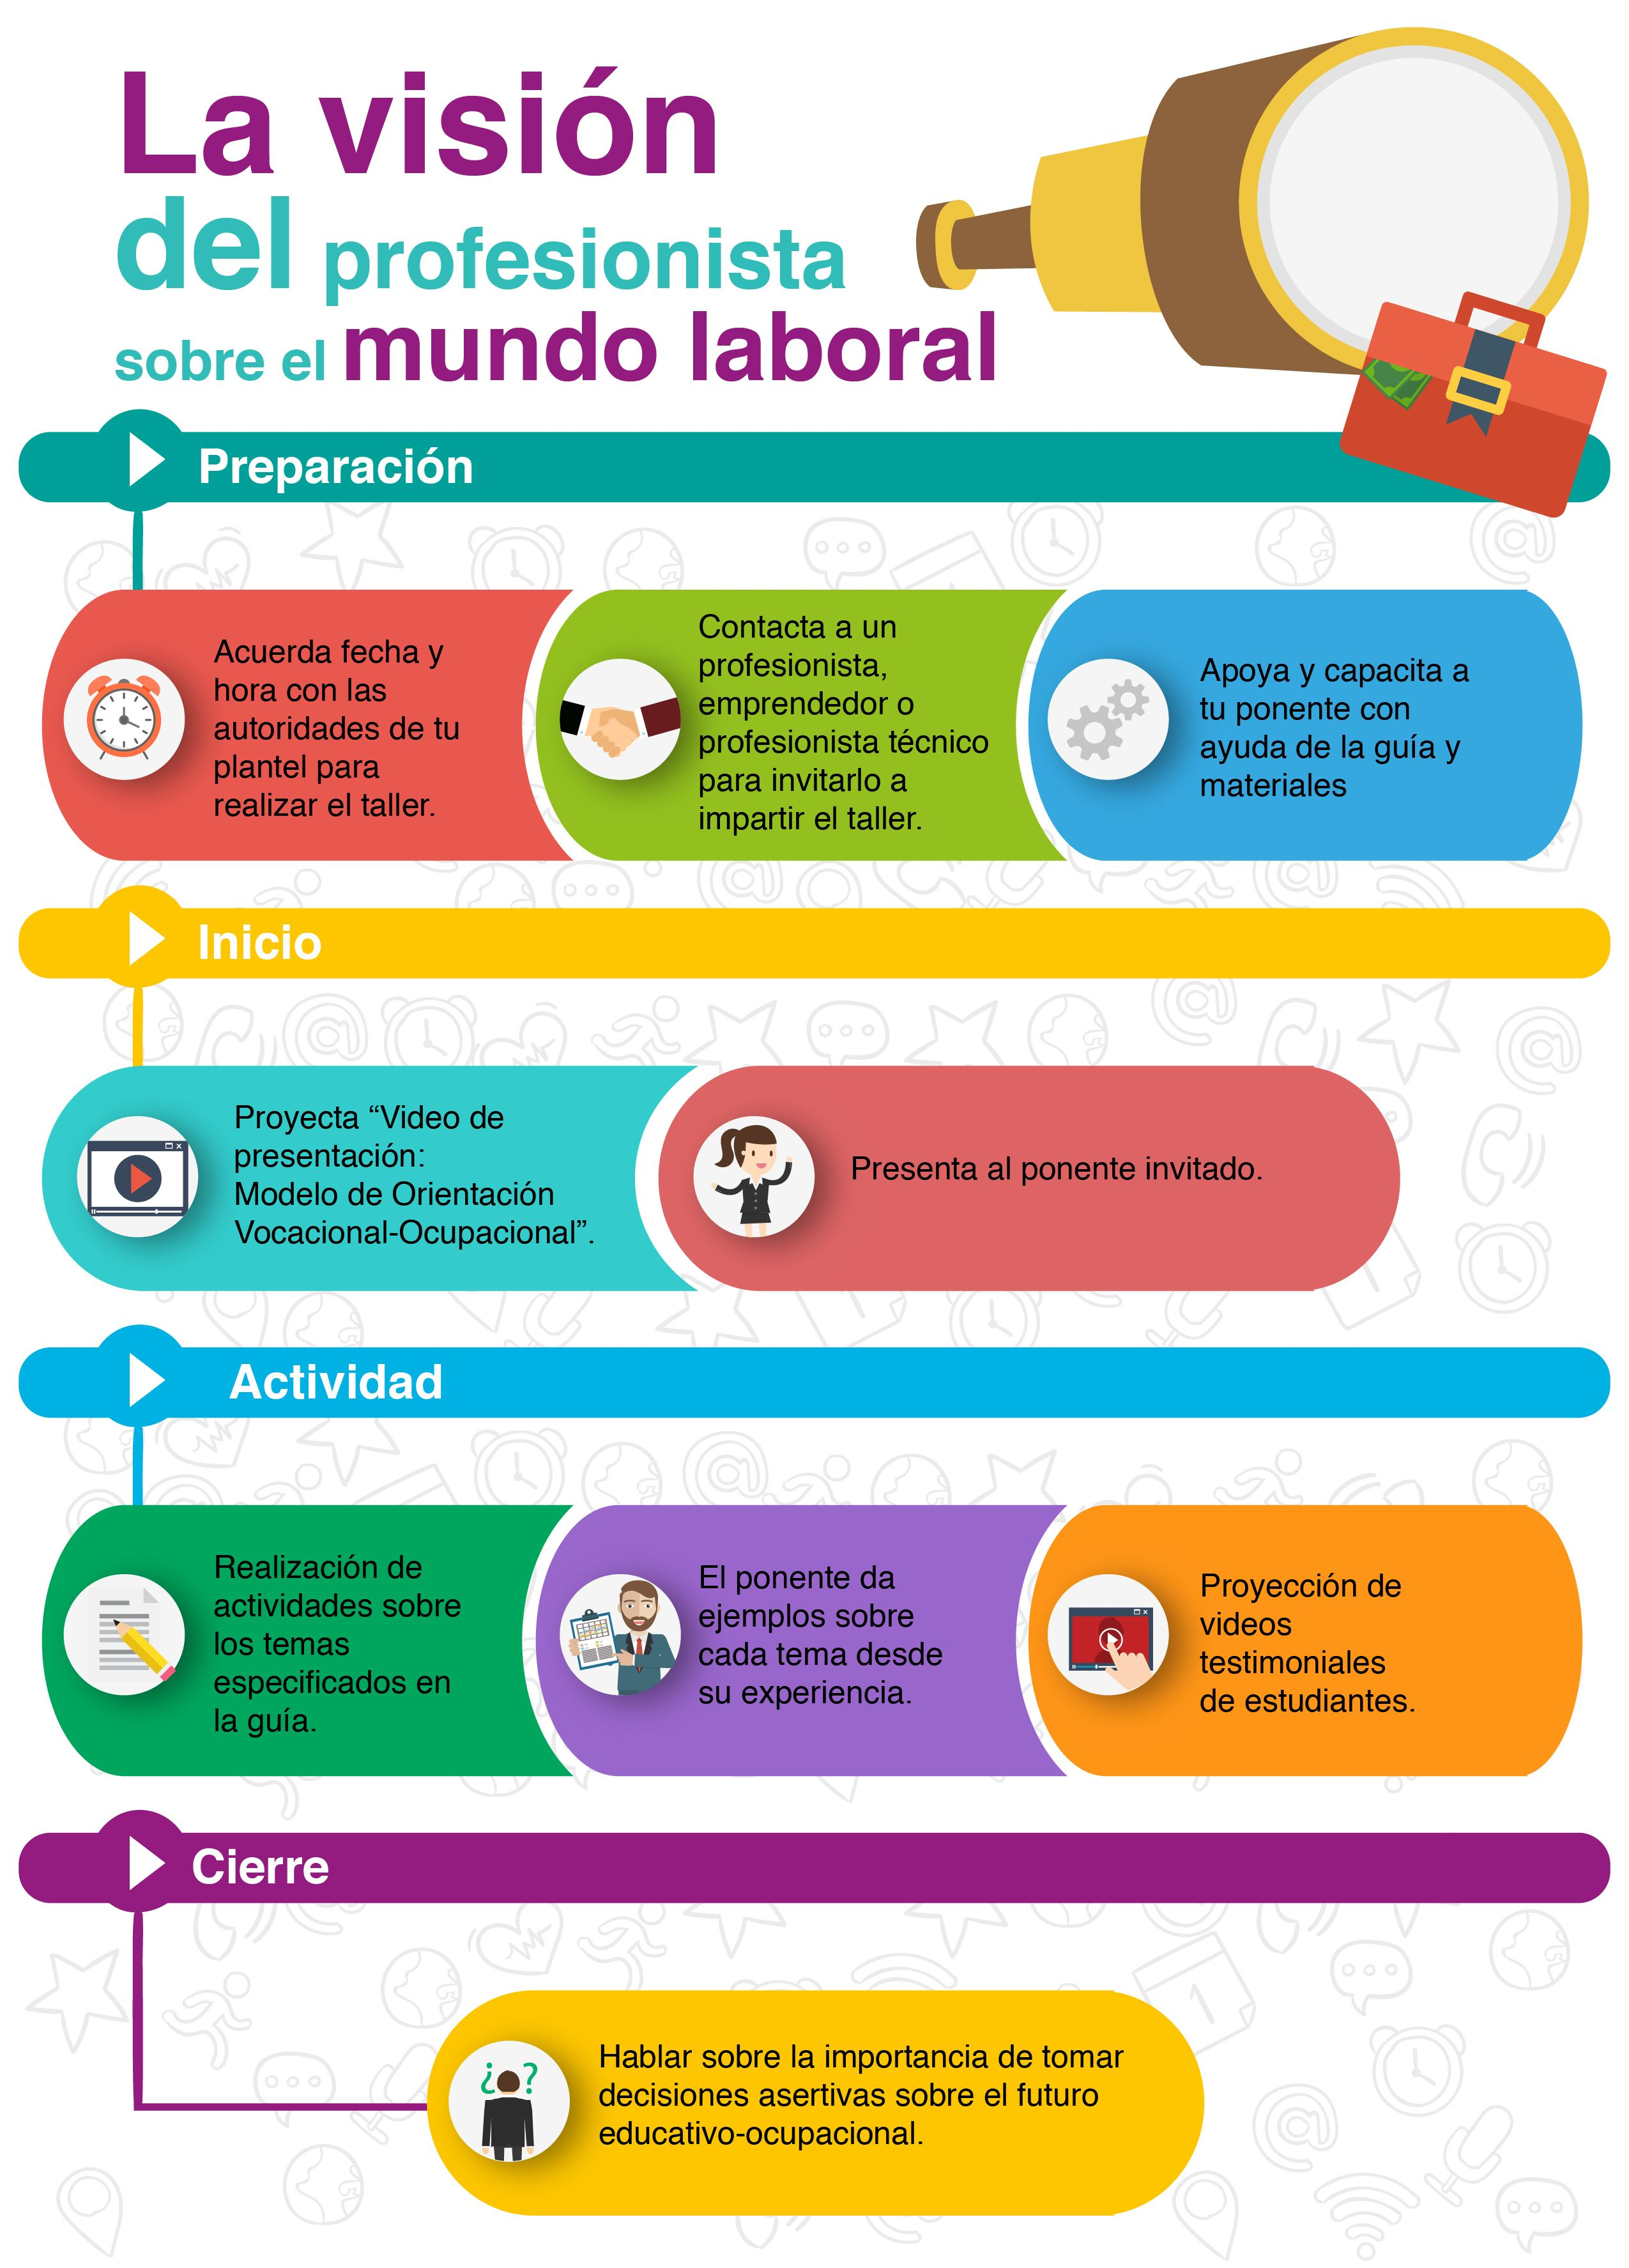 Práctica | Lección 1. Actividades de autoconocimiento vocacional | Material del curso MOVOx01 | MéxicoX